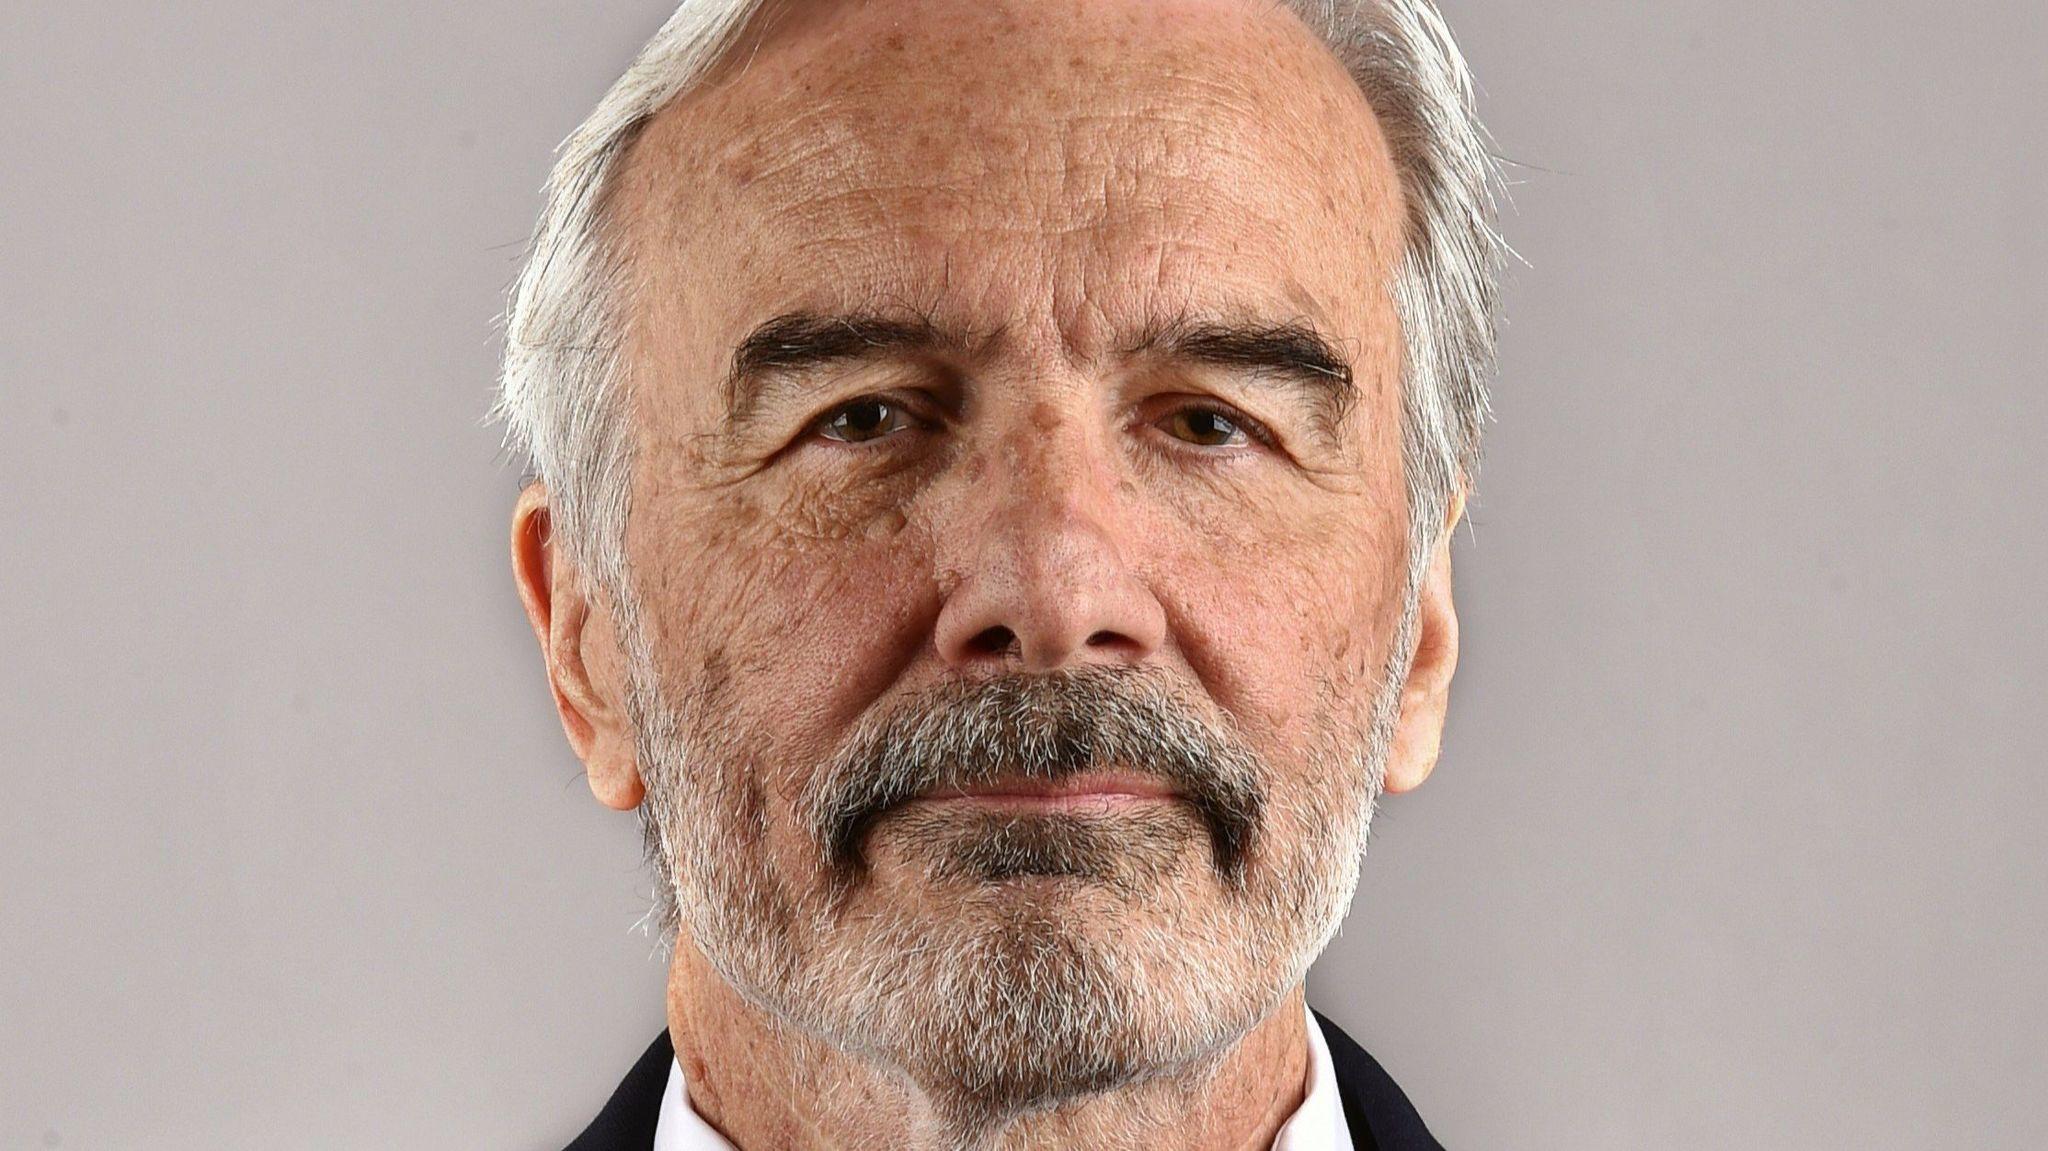 John Ingram